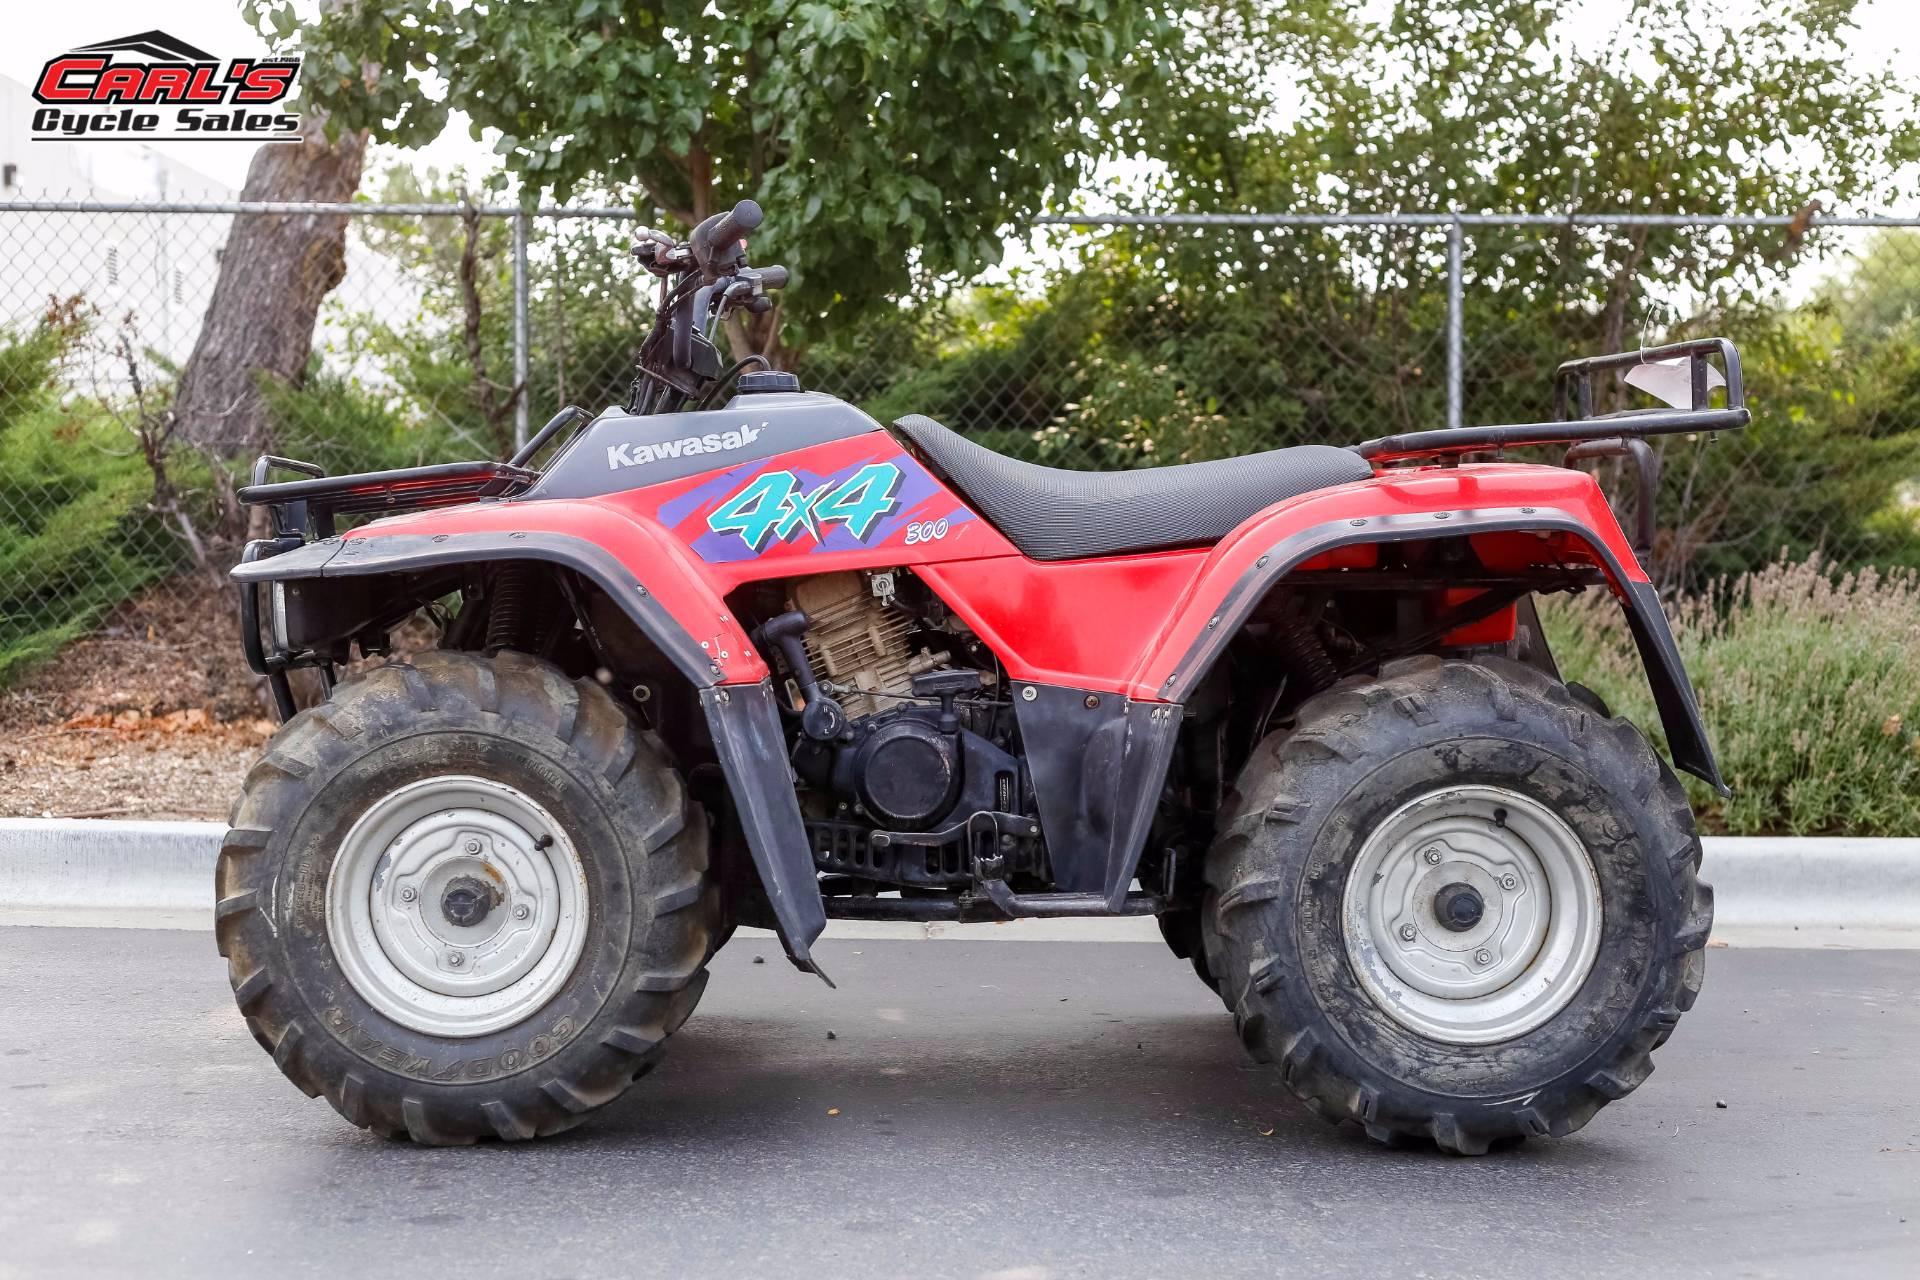 1996 KLF300